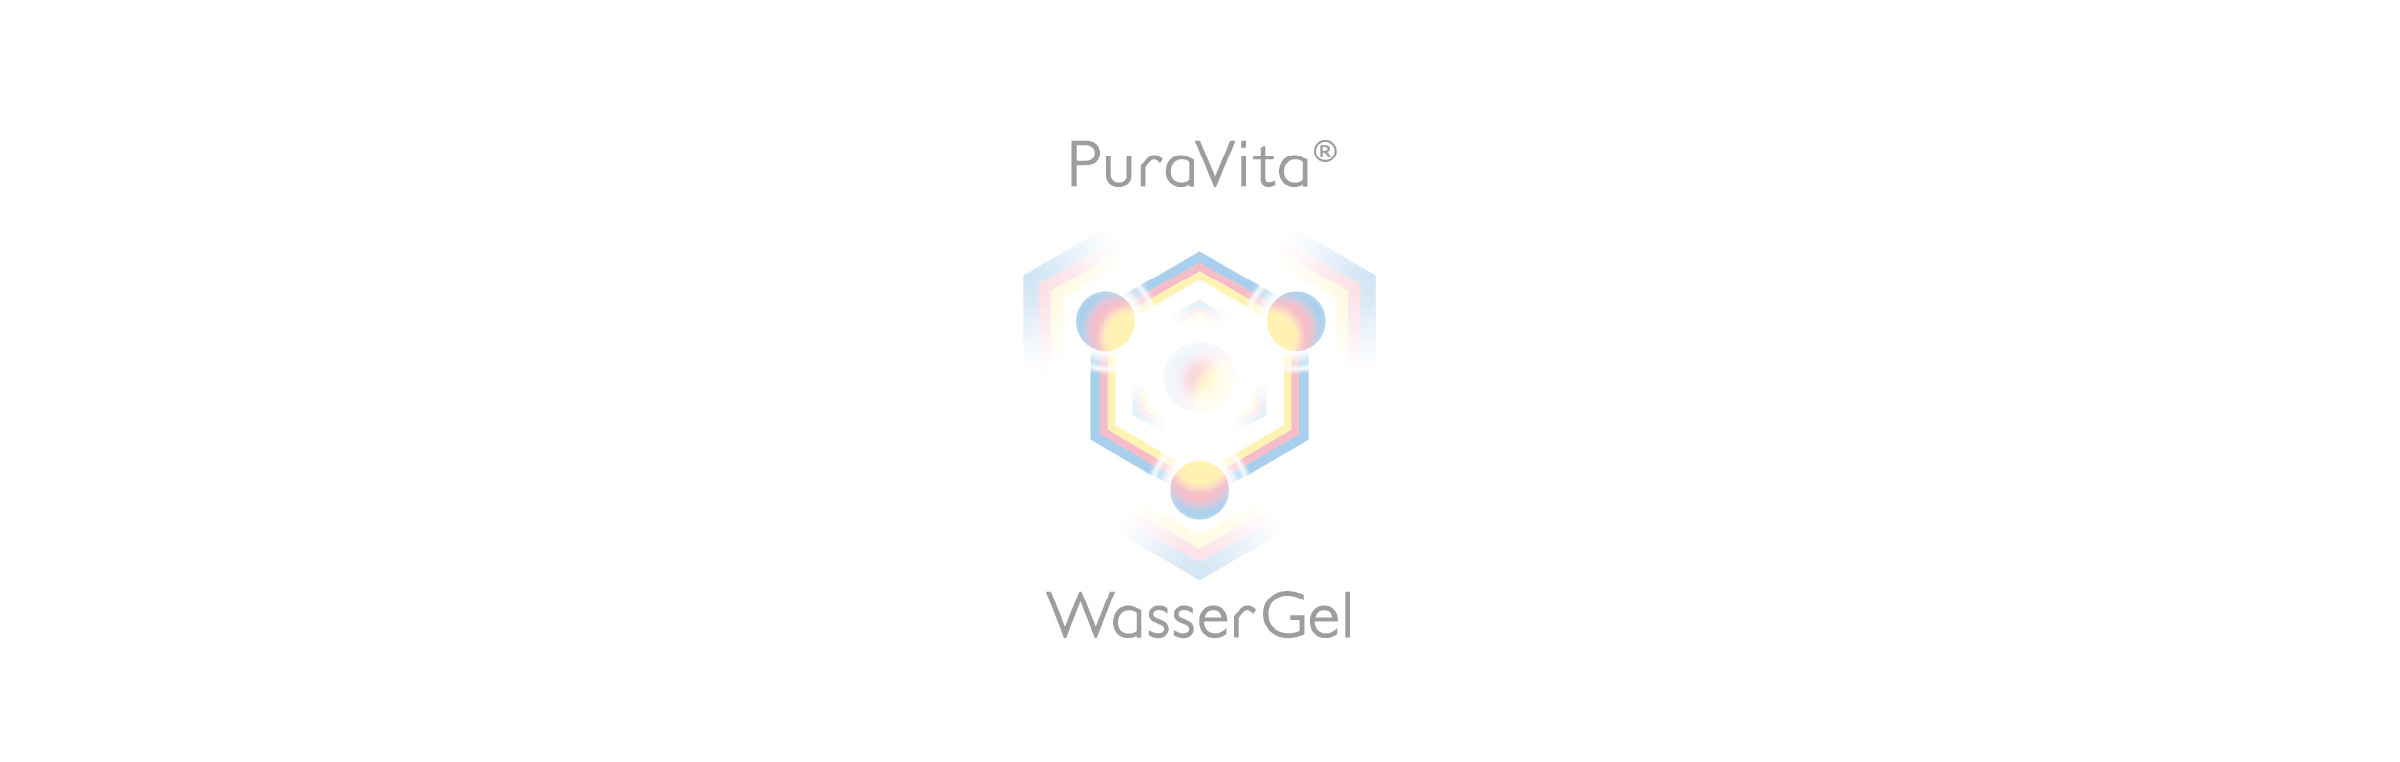 Puravita hexagonal strukturiertes Wassergel